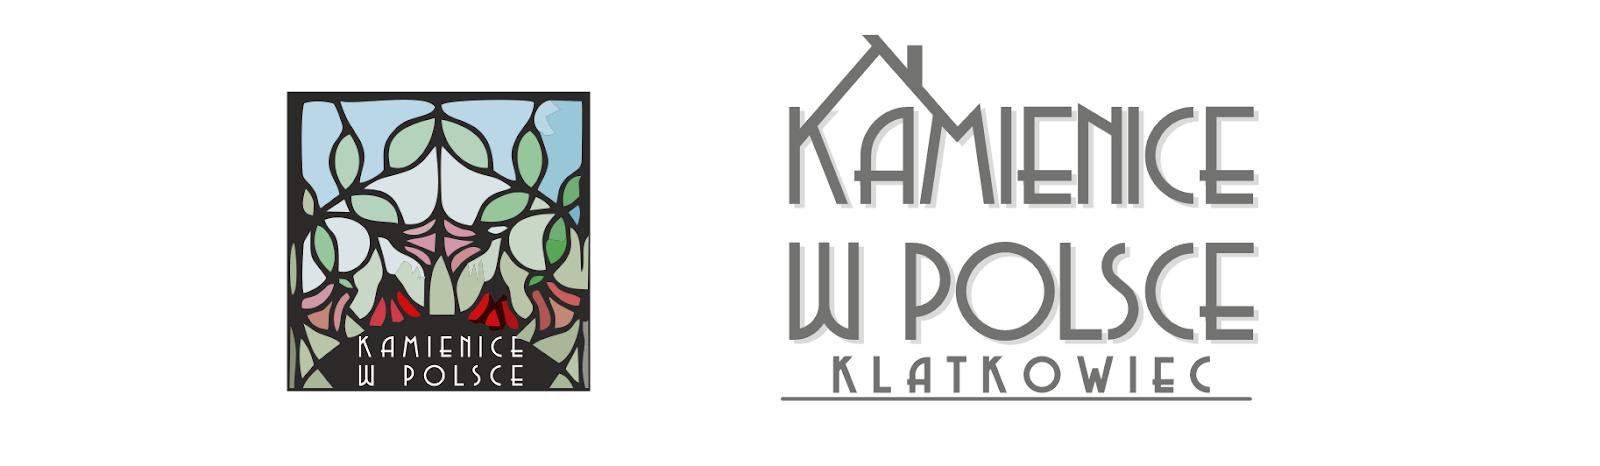 Kamienice w Polsce. Klatkowiec.